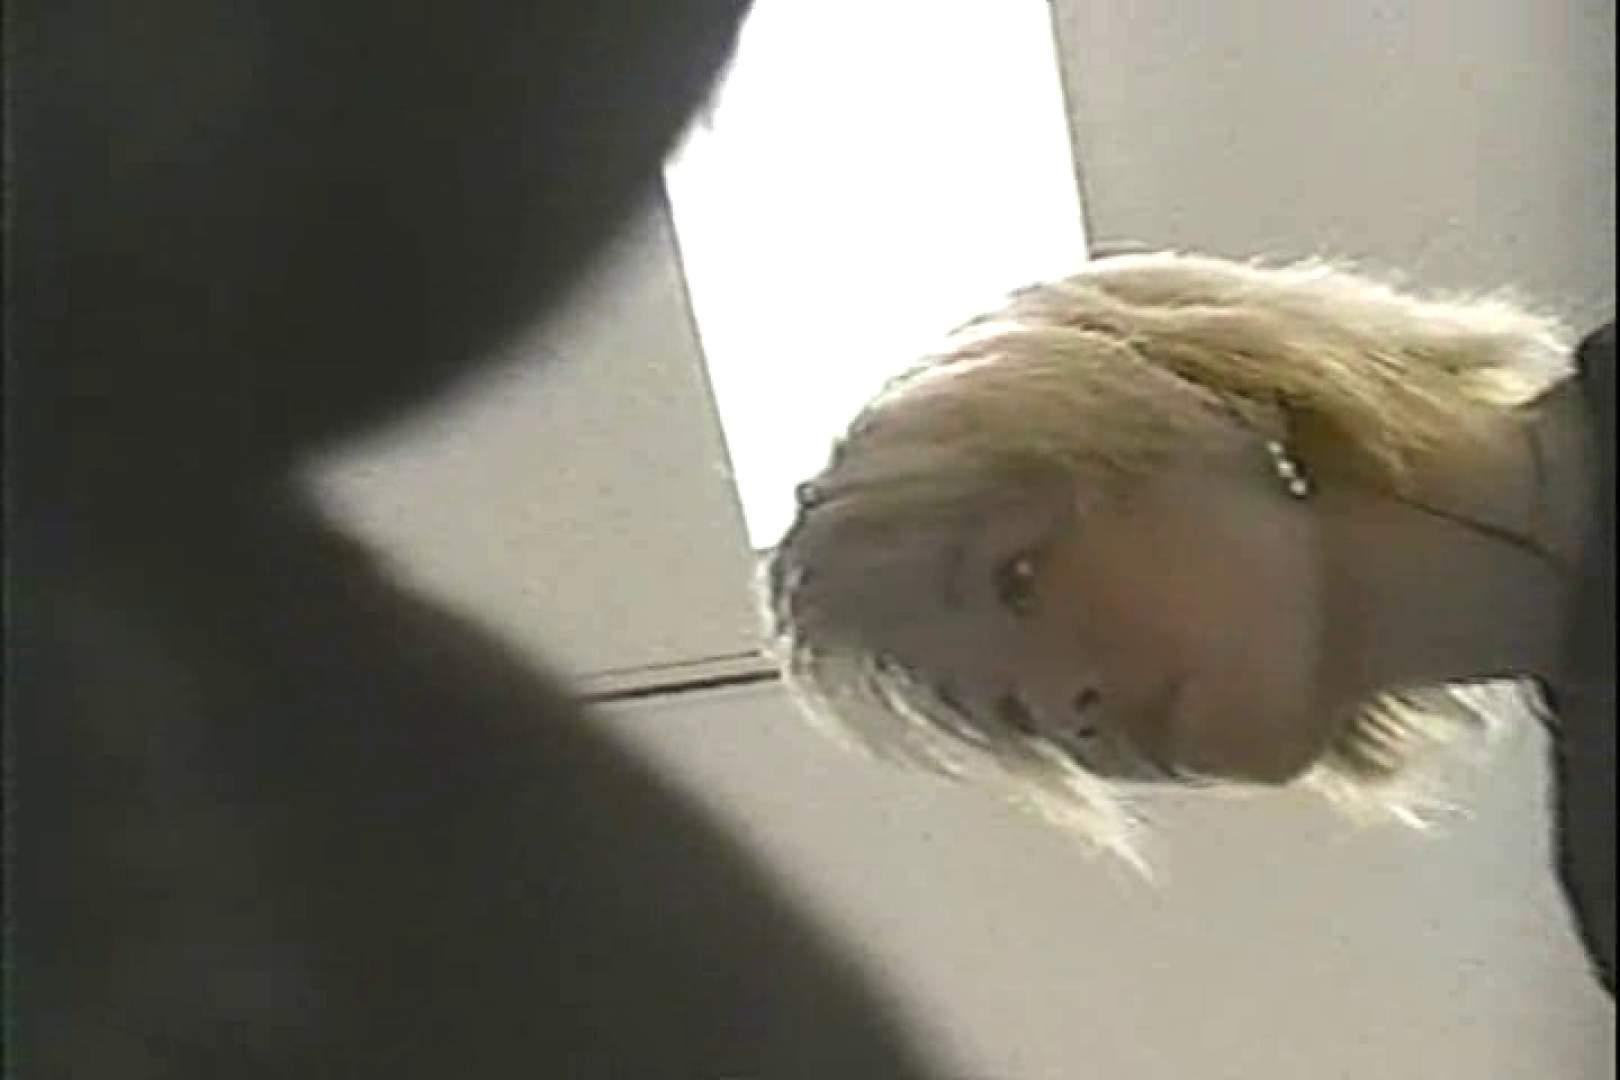 「ちくりん」さんのオリジナル未編集パンチラVol.3_02 チラ | 盗撮特集  87画像 53